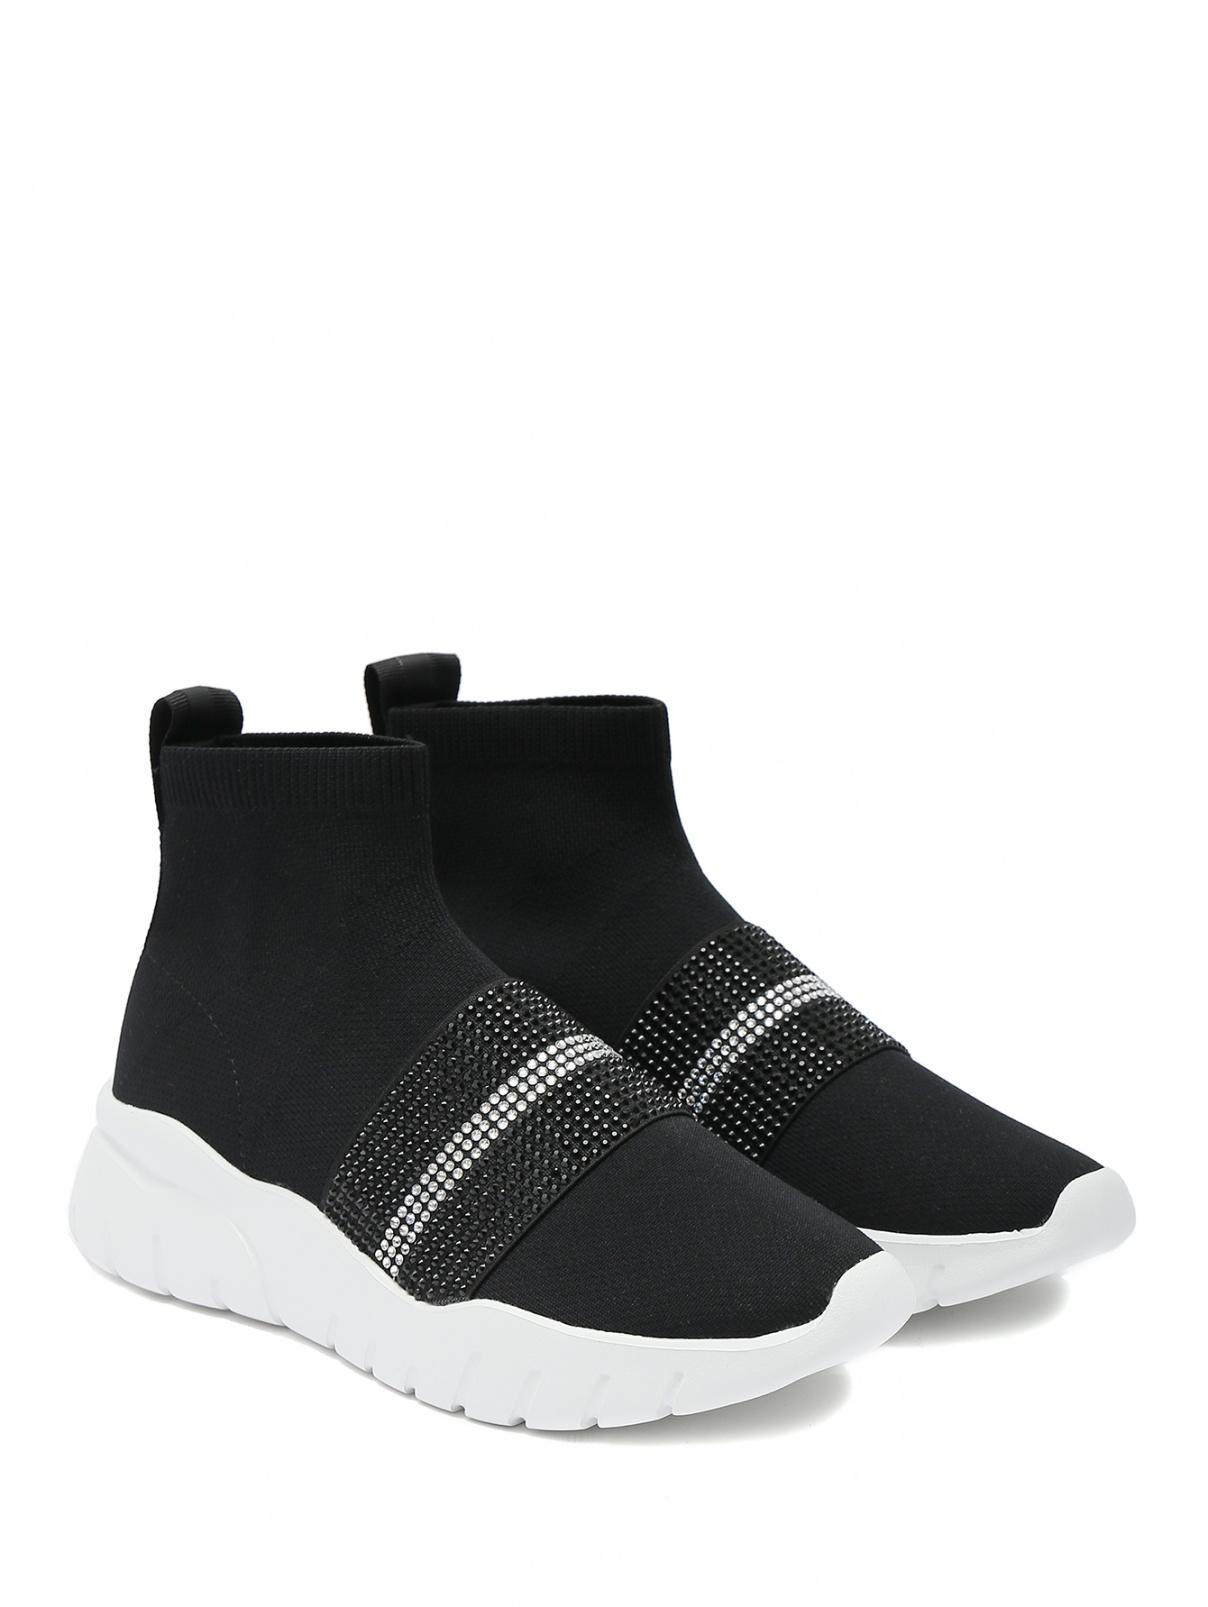 Кроссовки со вставками из страз Bally  –  Общий вид  – Цвет:  Черный